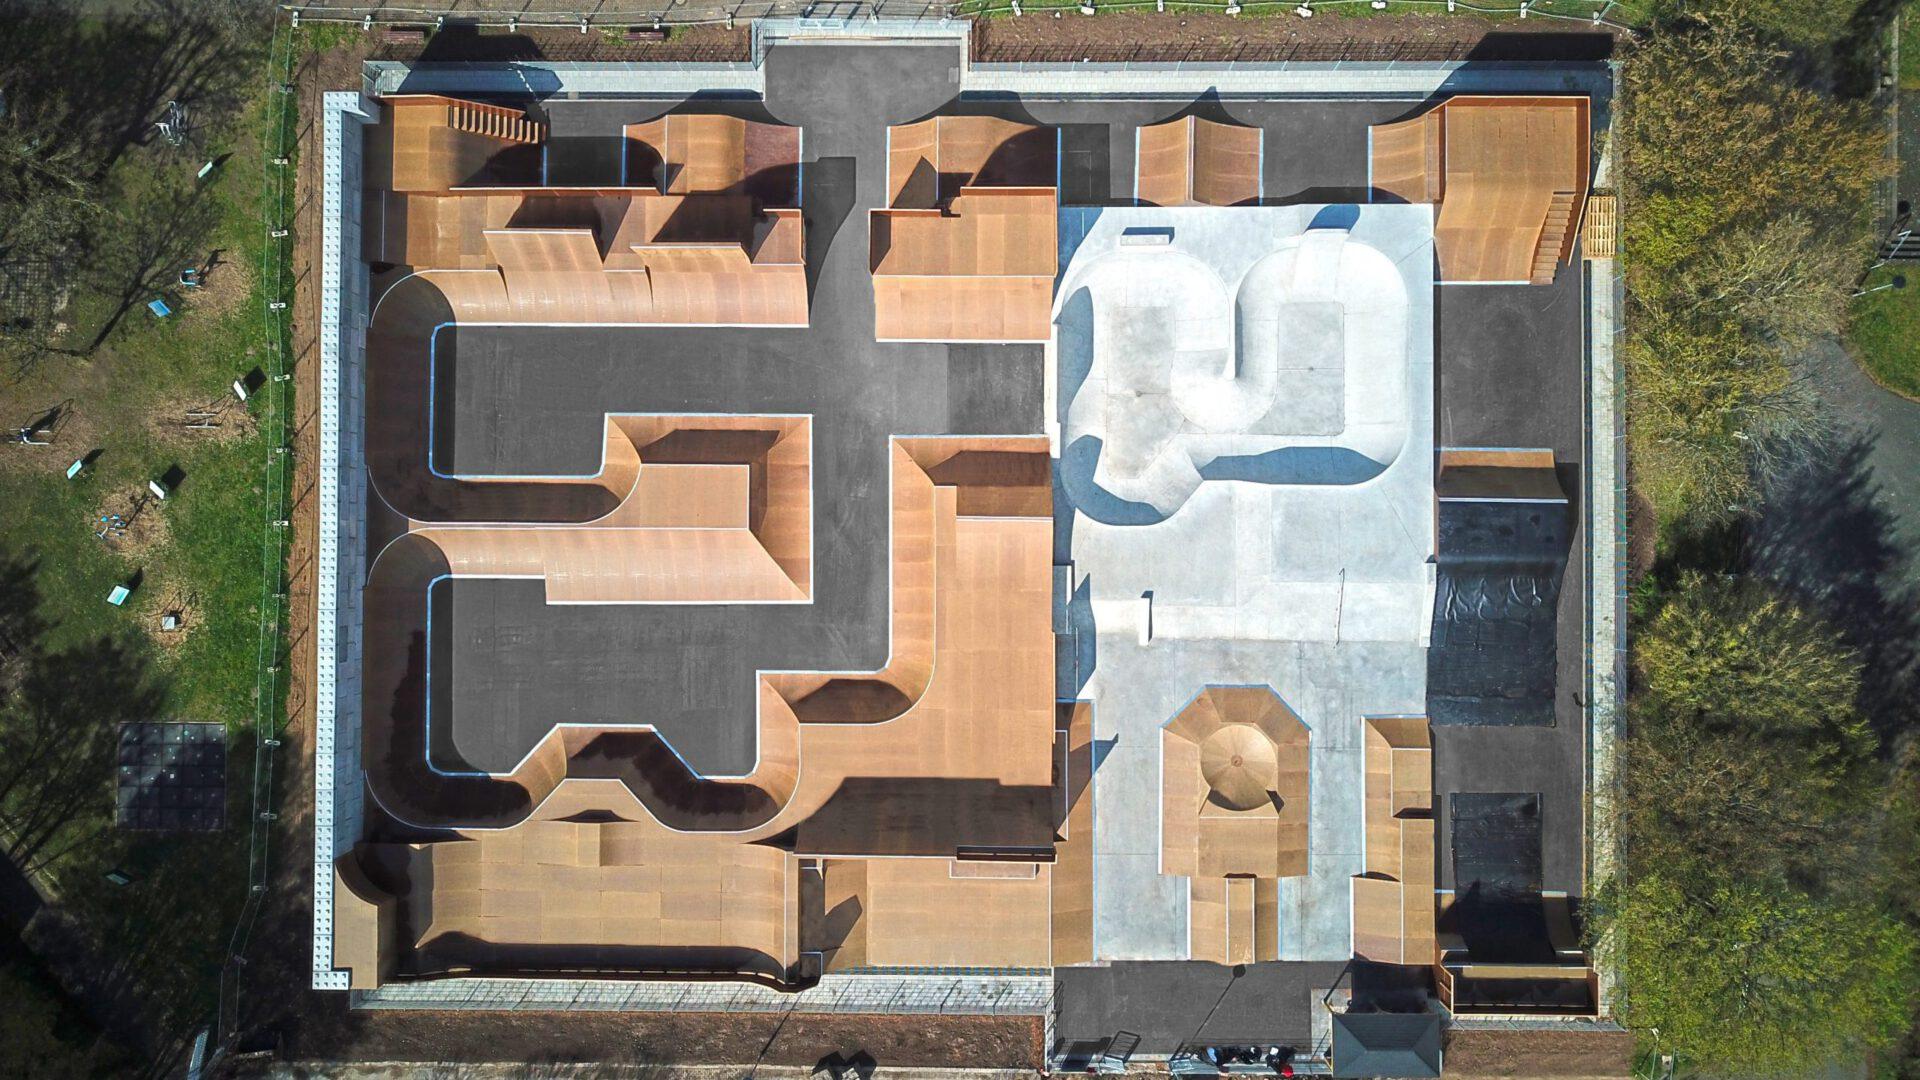 Darmstadt Bikepark - Fertigstellung - Ansicht von oben